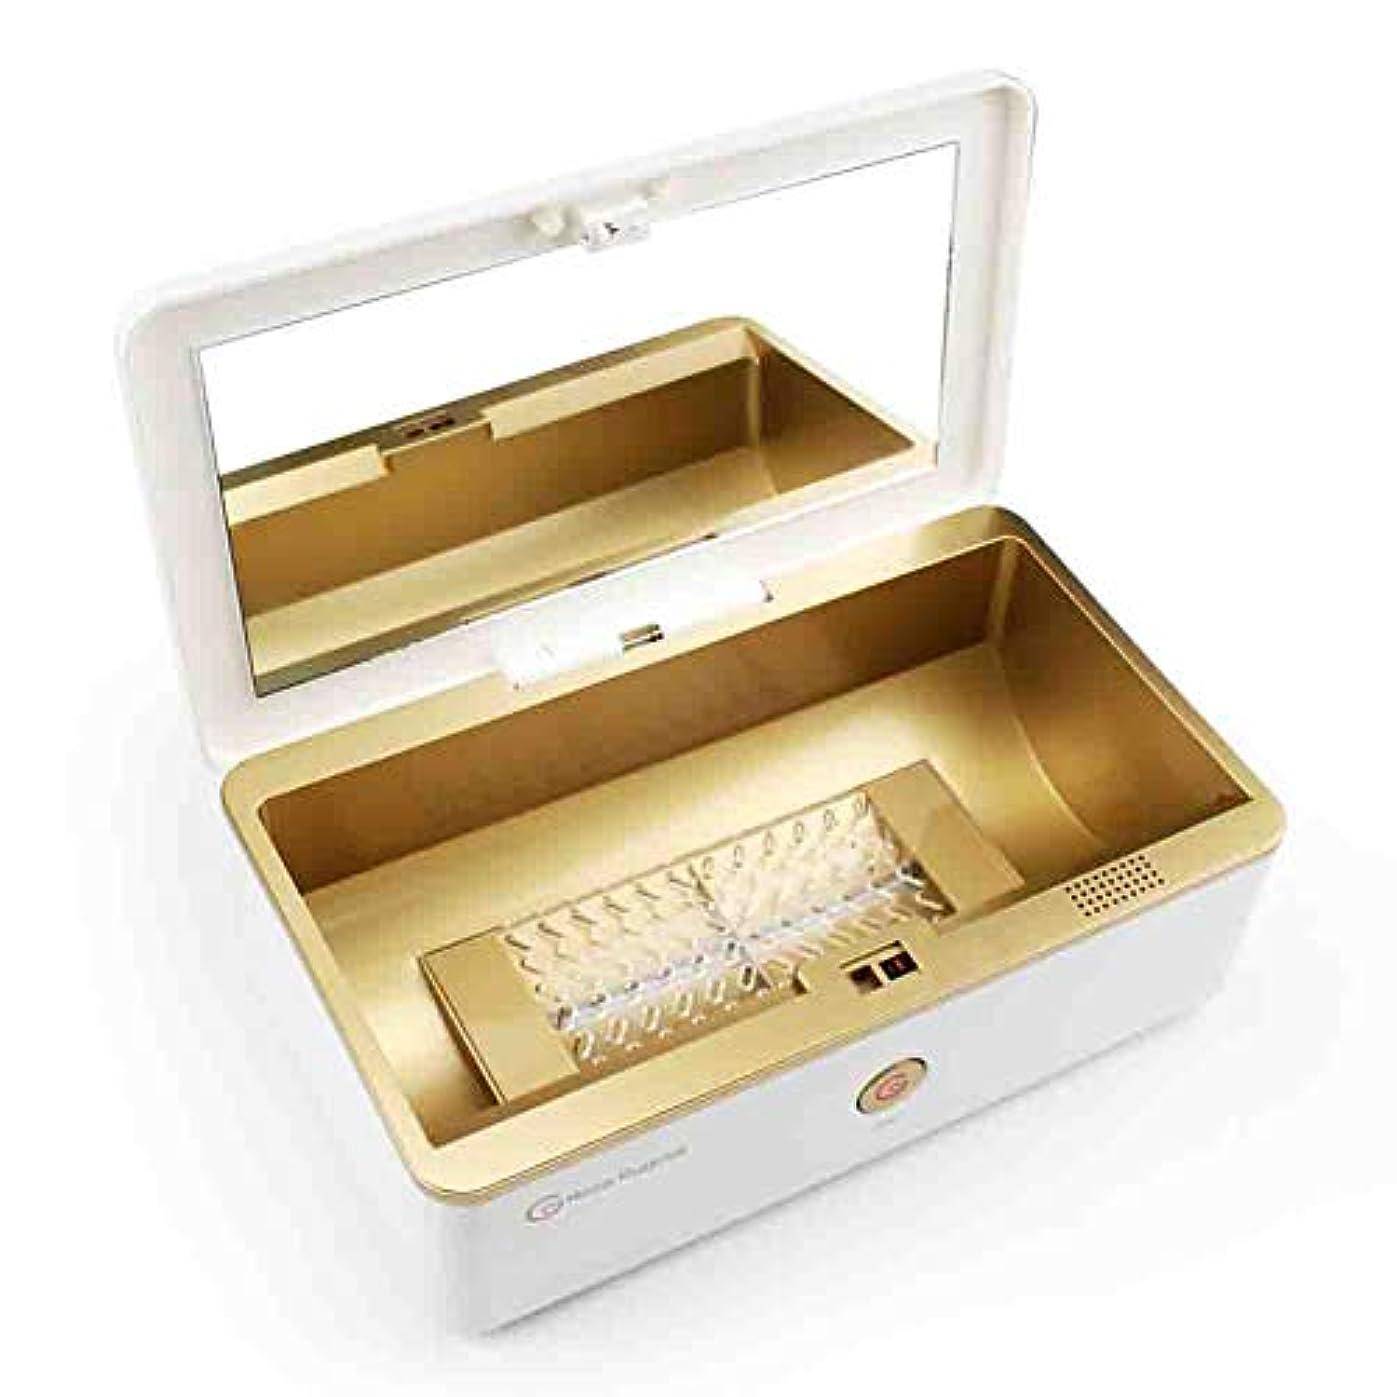 温度地殻郵便局携帯用消毒箱の紫外線オゾン99%の二重殺菌箱のUVCバンドUSBインターフェイス白